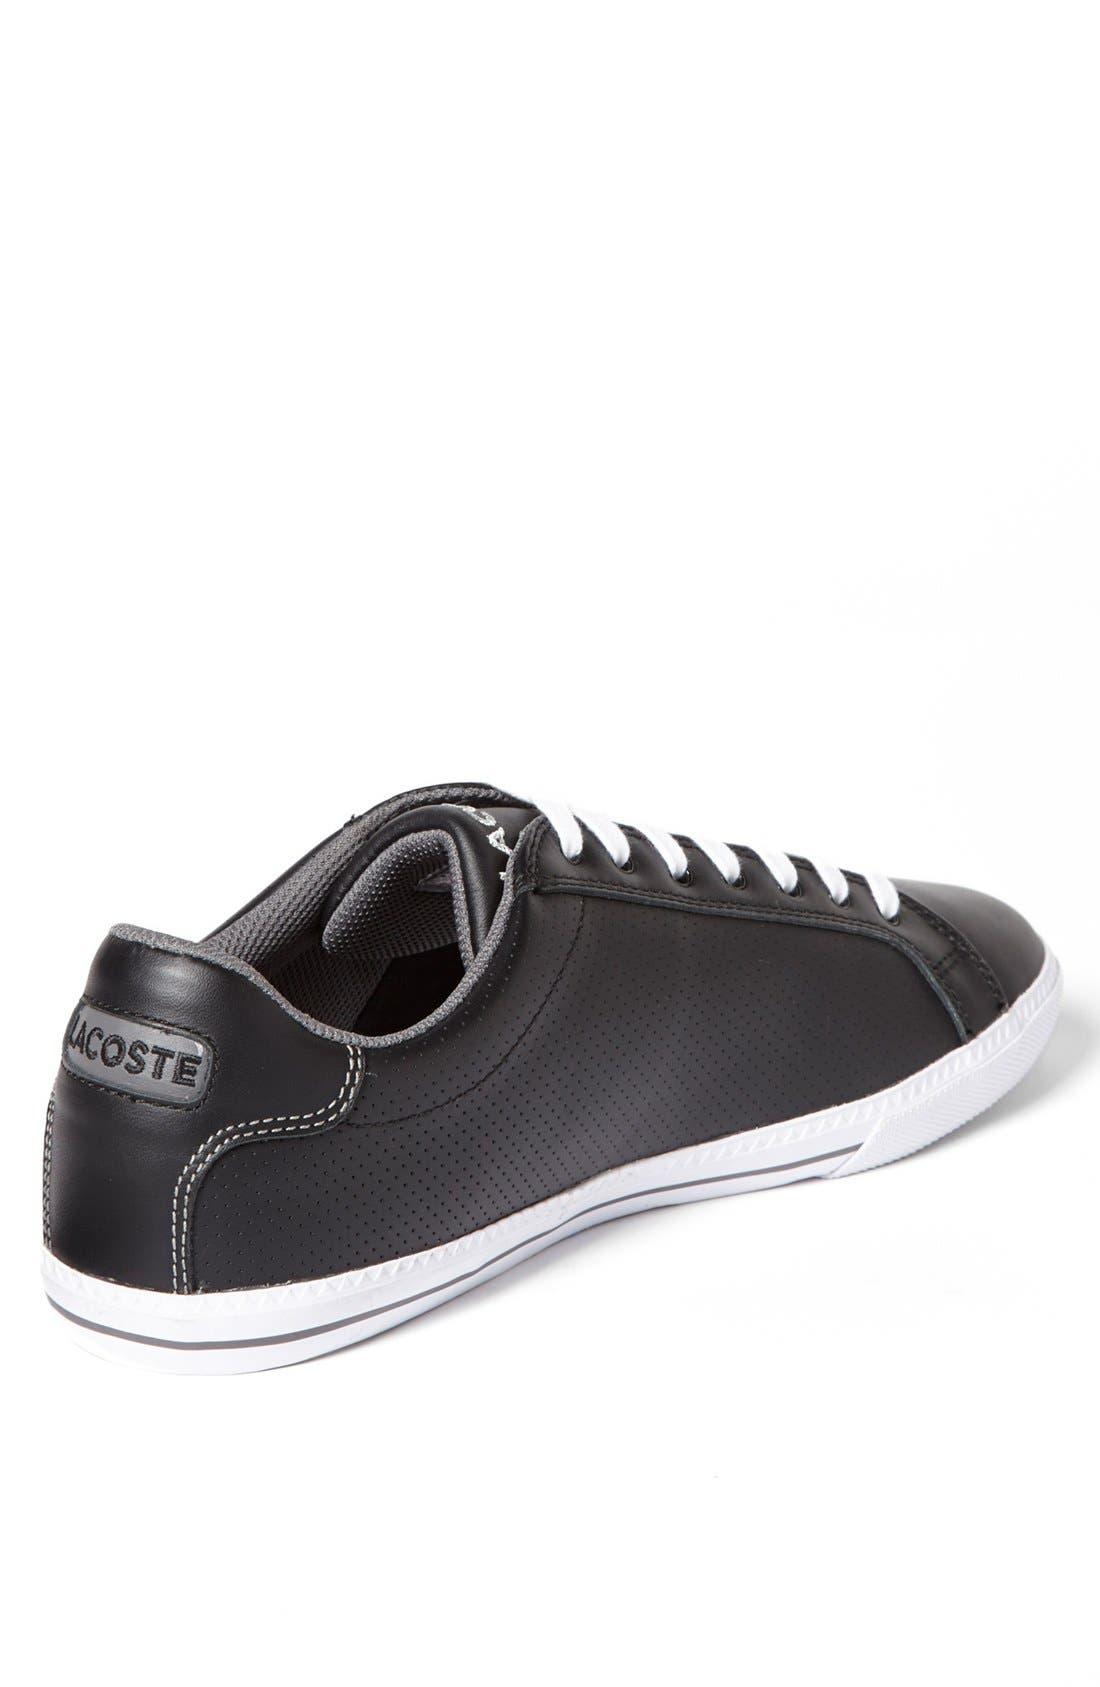 Alternate Image 2  - Lacoste 'Graduate' Sneaker